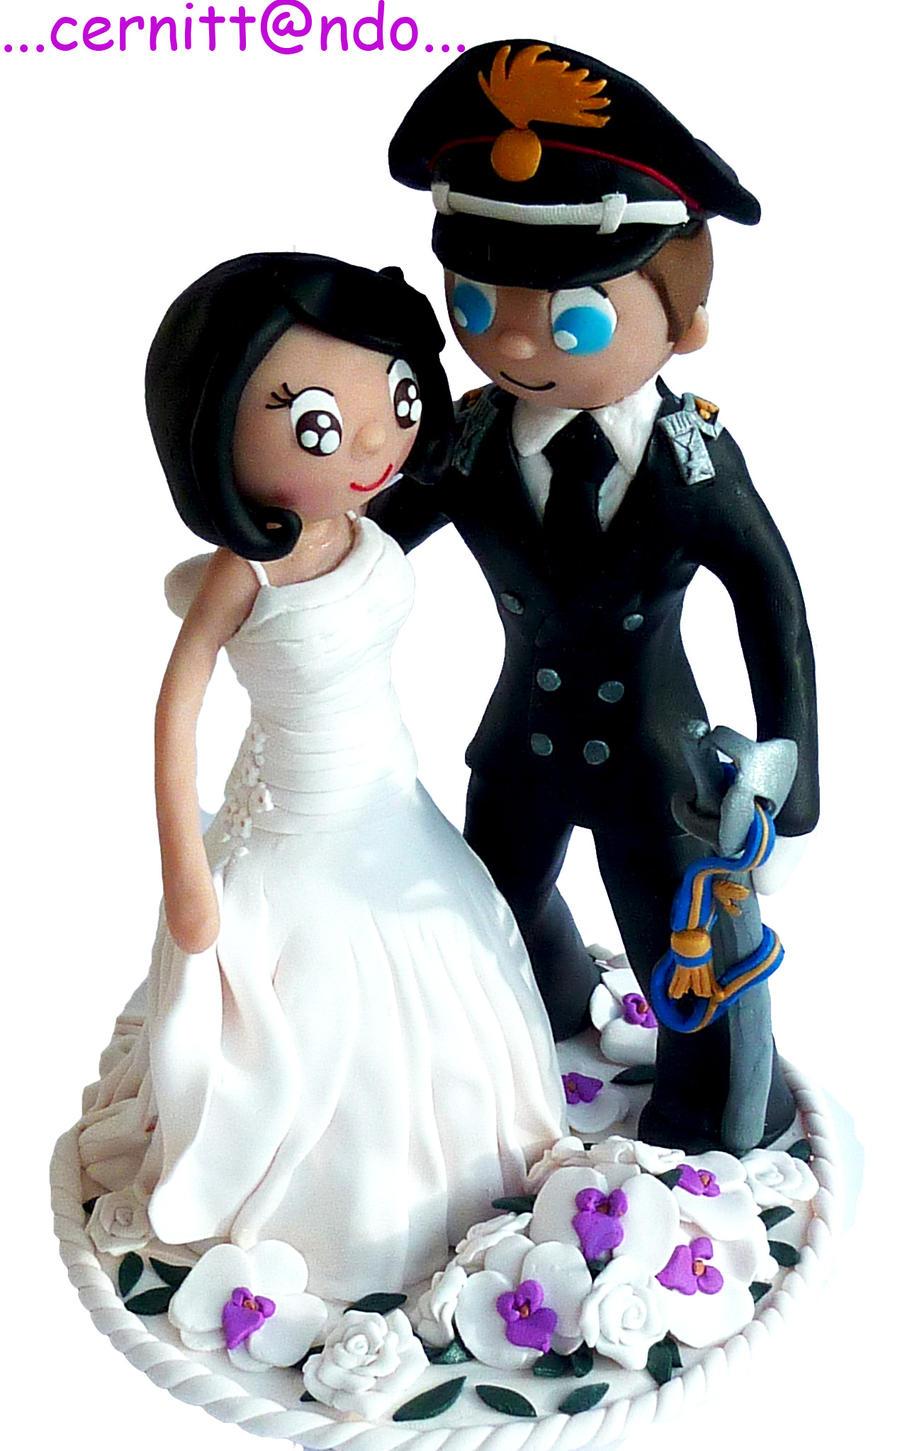 Tanja Cake Topper Artist : Fimo Wedding Cake Topper by cernittando on DeviantArt